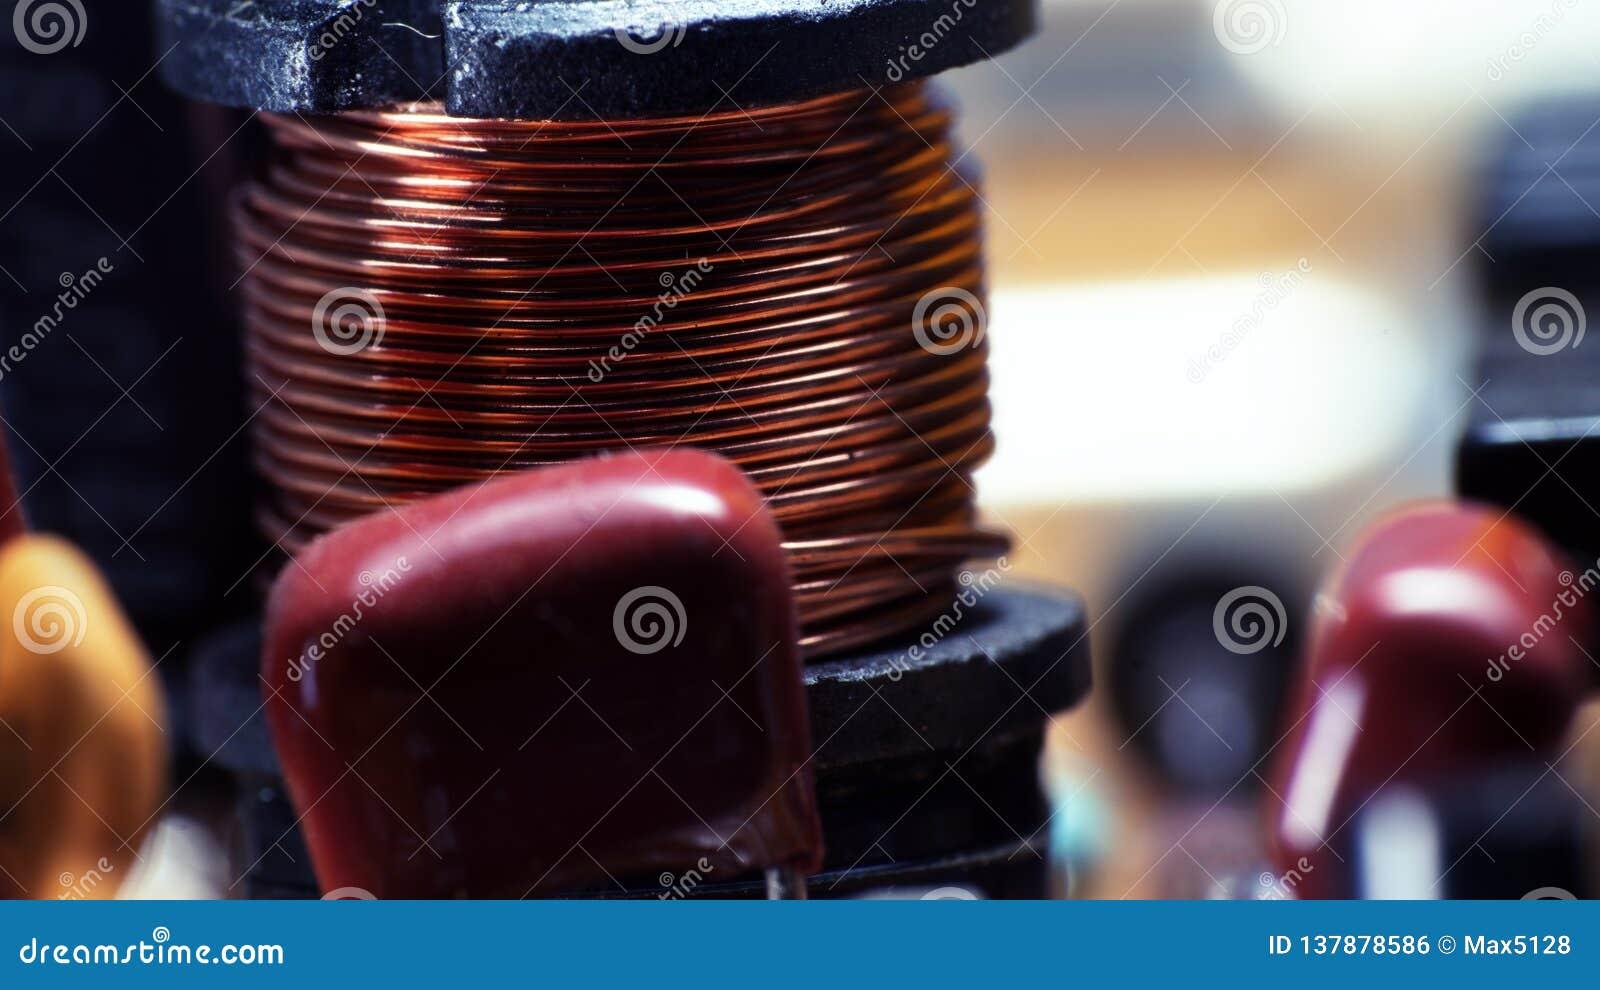 capacitor wire ultra macro printer control Board